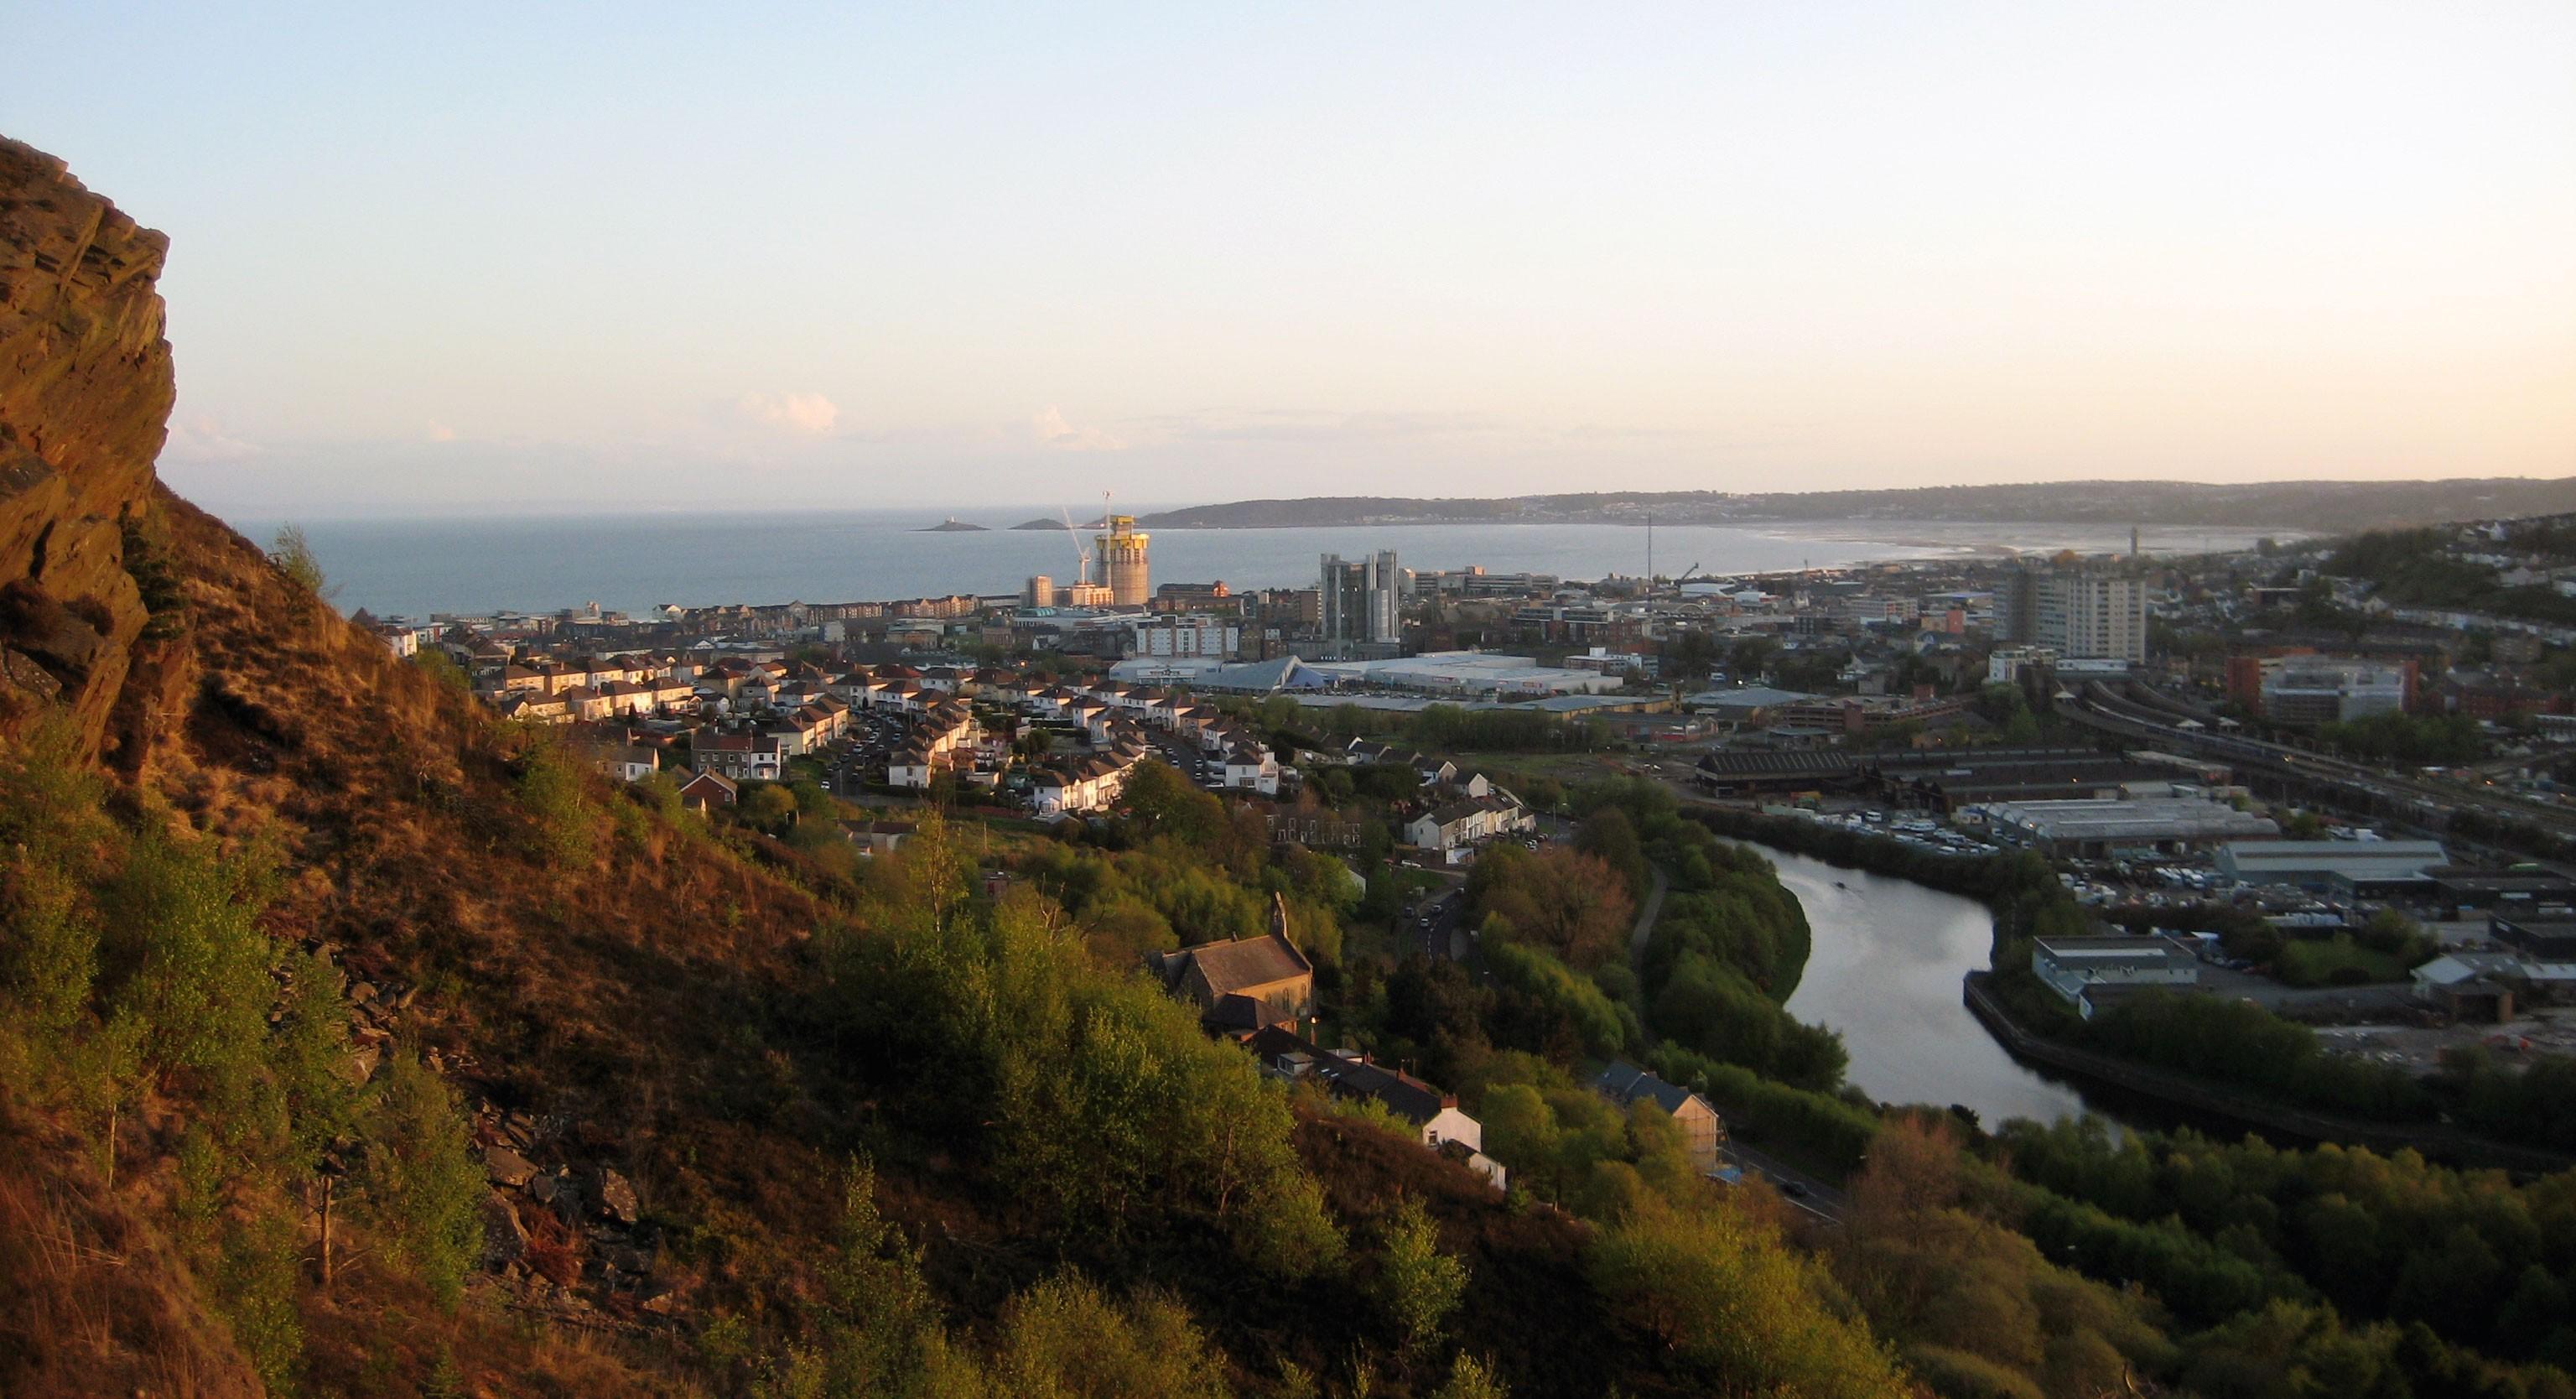 Swansea. Credit: Wiccasha/ Goodfreephotos